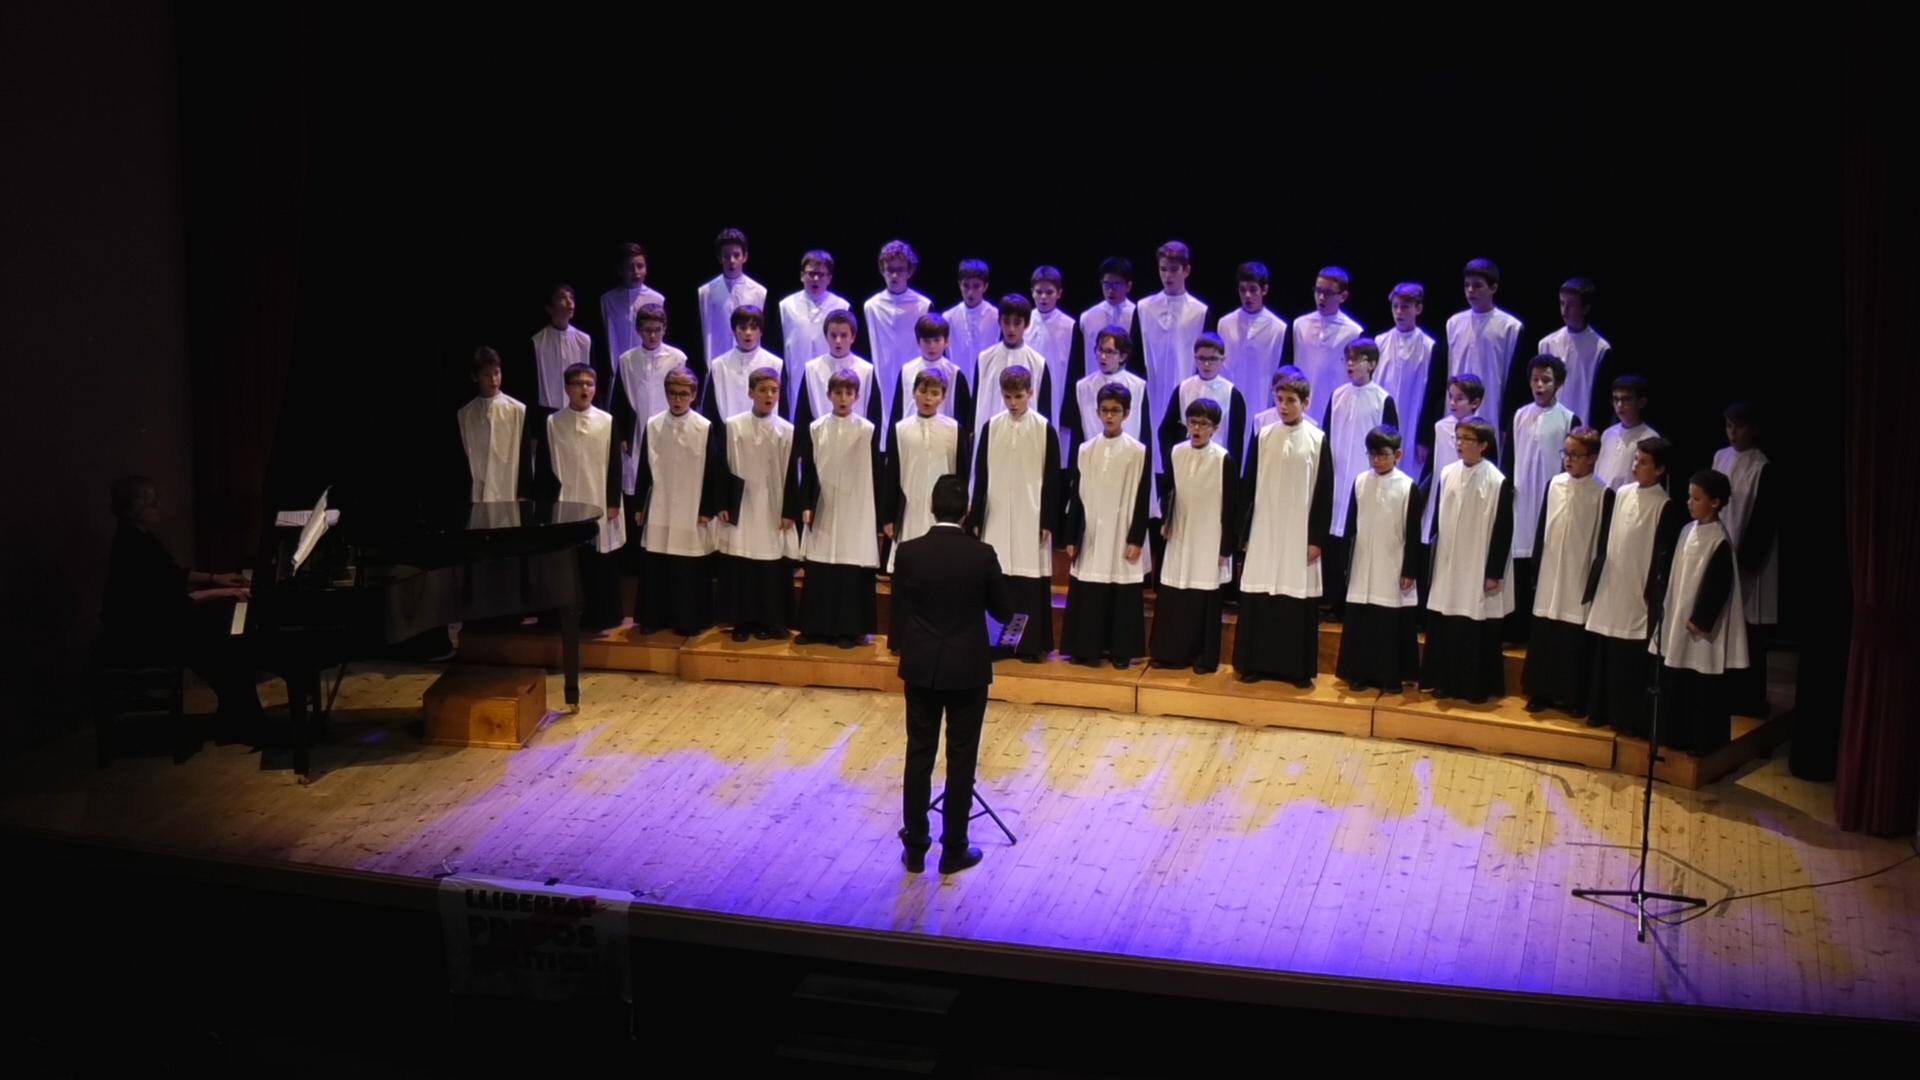 NOU REPORTATGE: Reviu el concert de l'Escolania de Montserrat amb motiu de la celebració del 475è aniversari de la consagració de la nova església de Sant Martí.